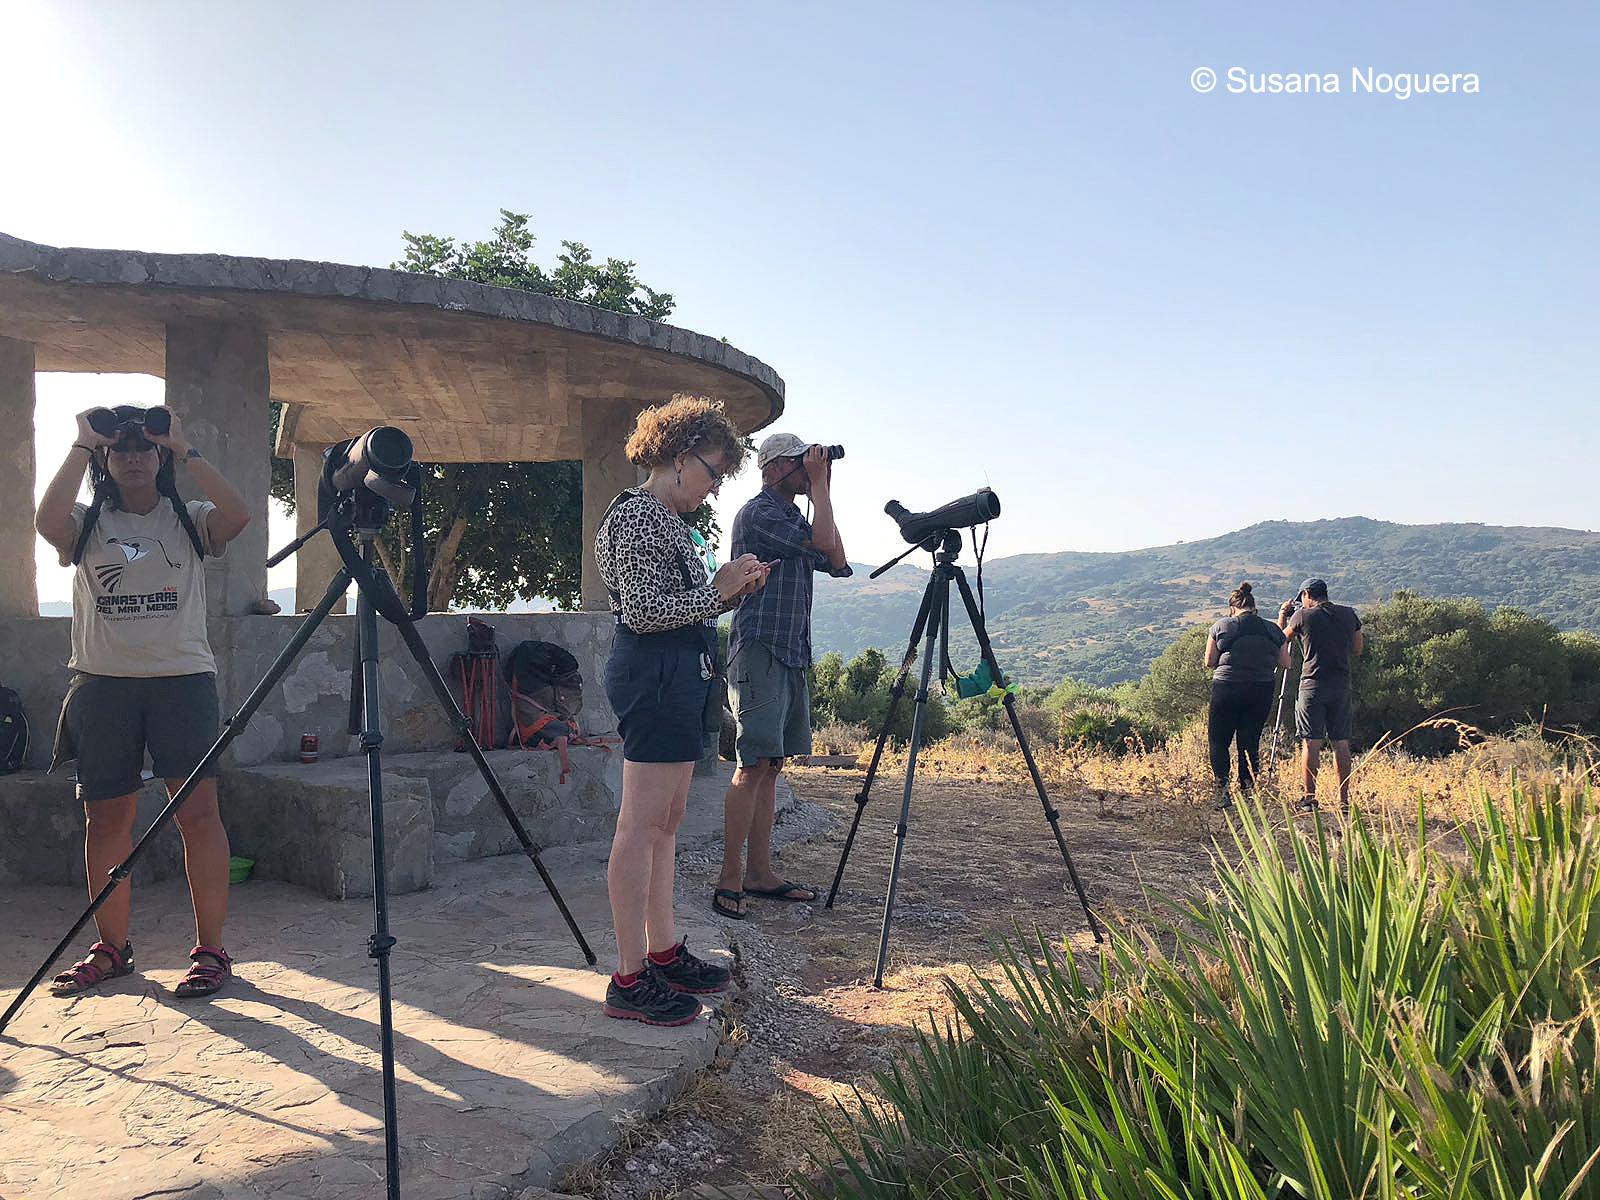 Voluntarios en el observatorio del Algarrobo. Imagen: Susana Noguera